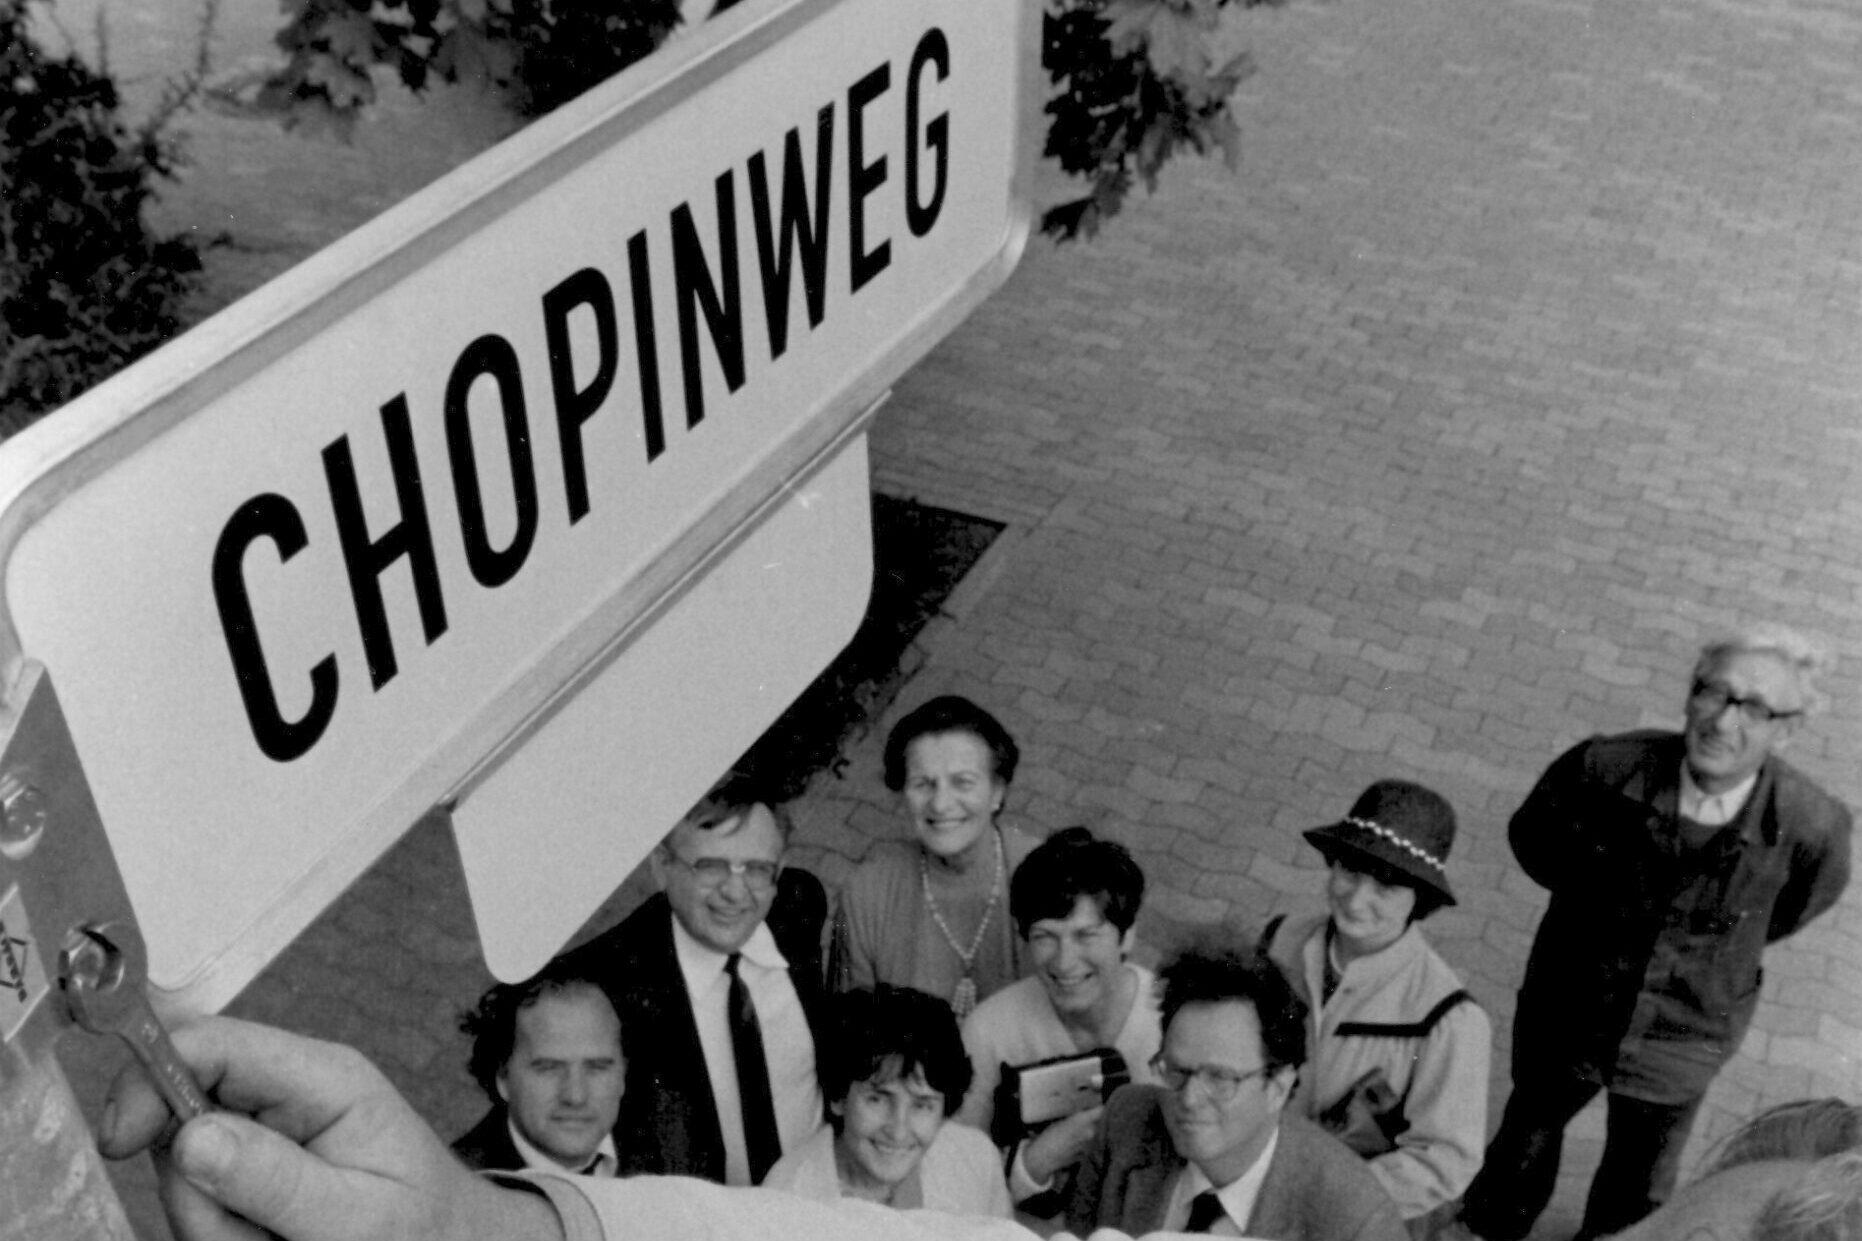 Scan_Chopinweg